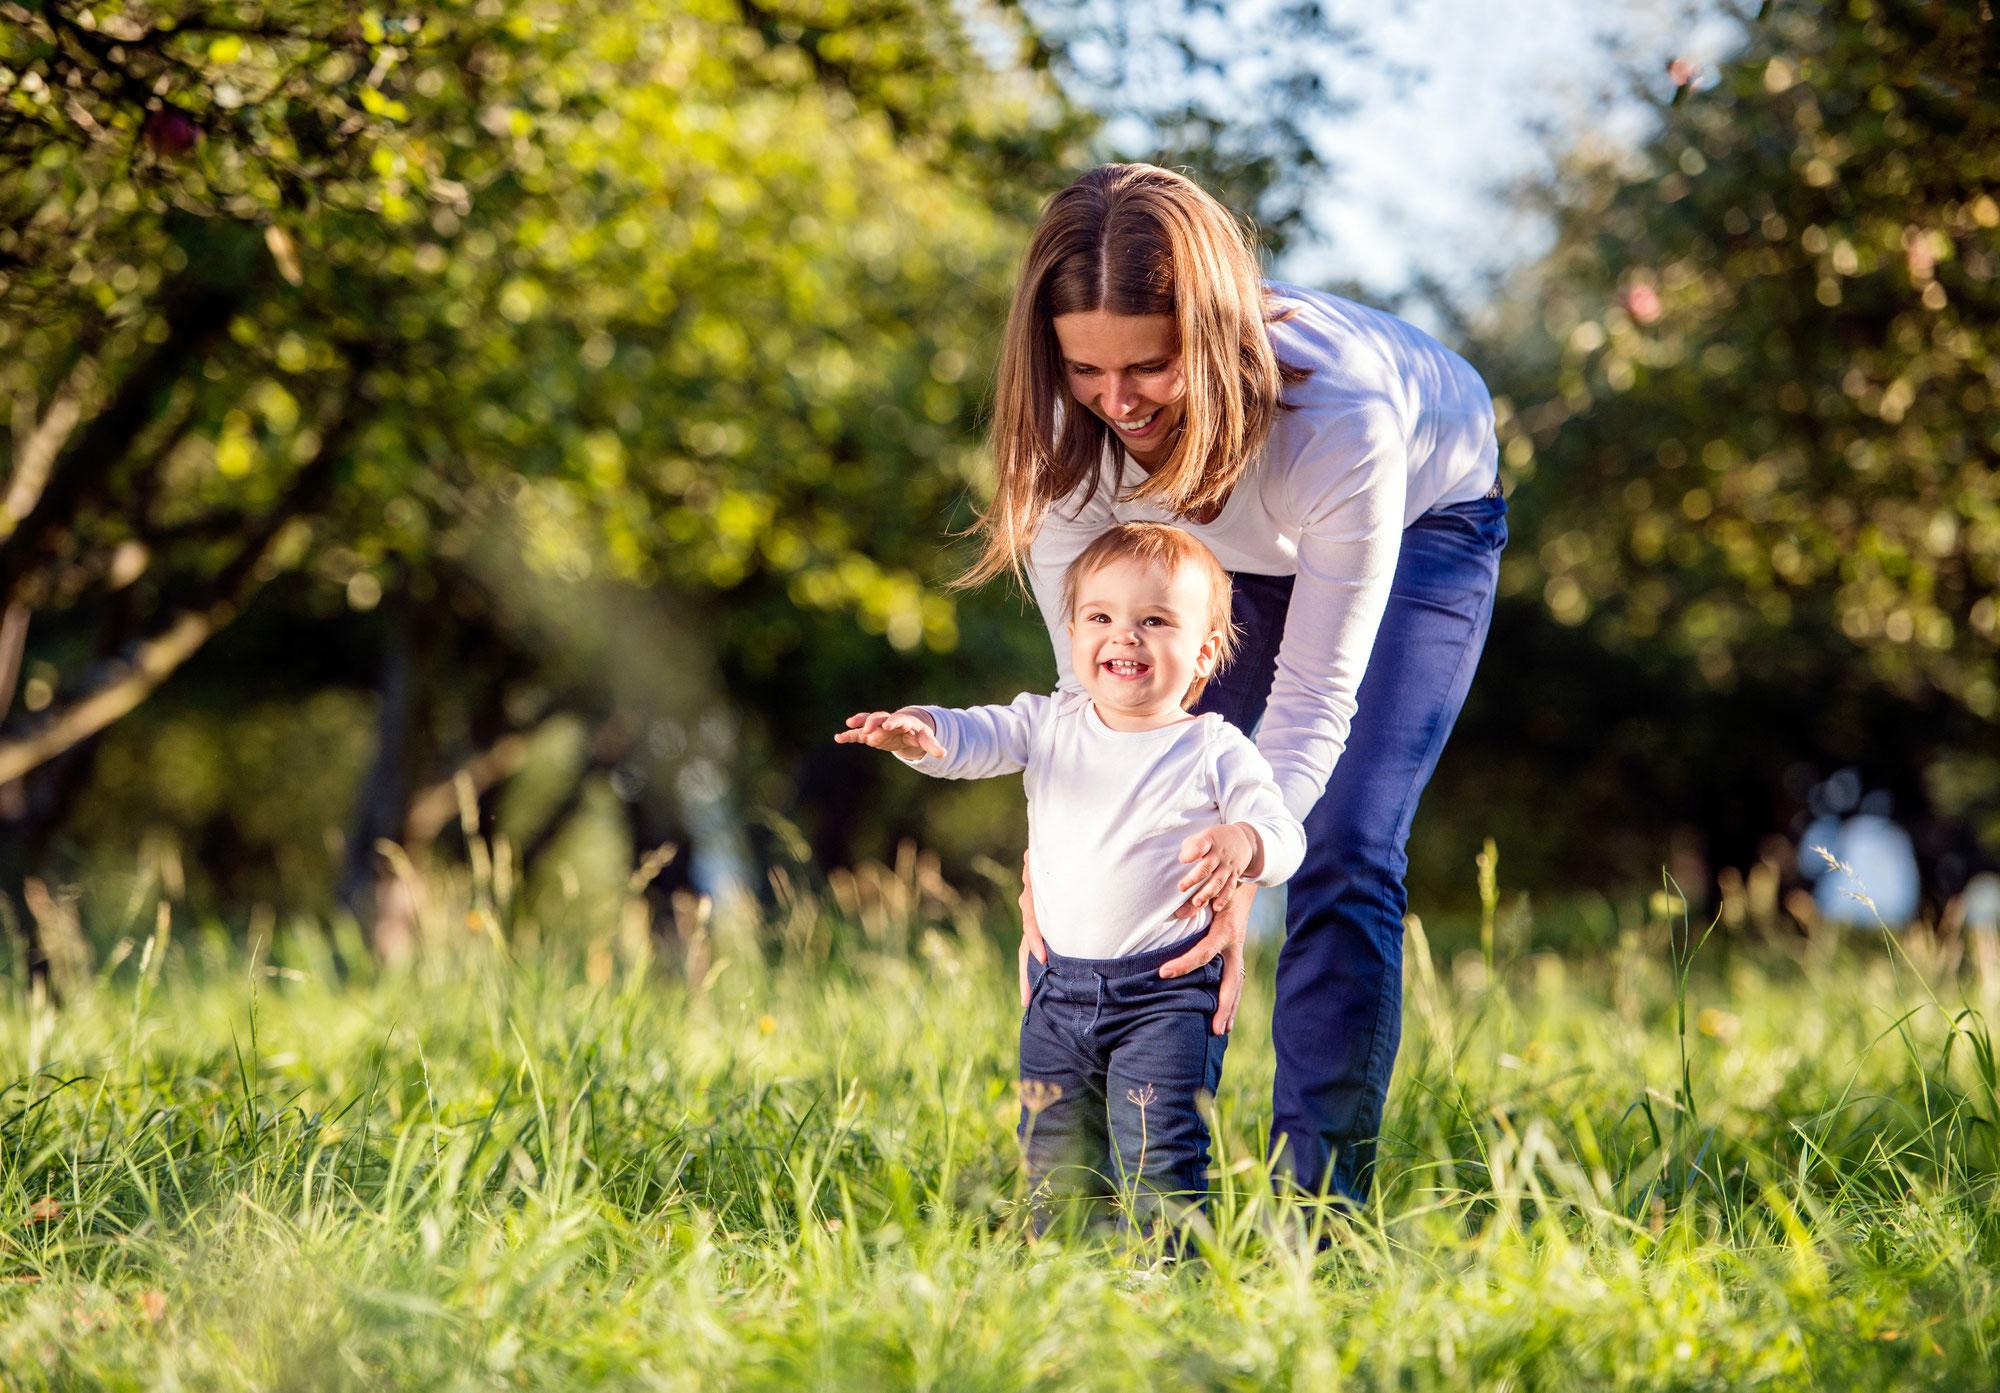 Meilensteine: Entwickelt sich mein Kind altersentsprechend?